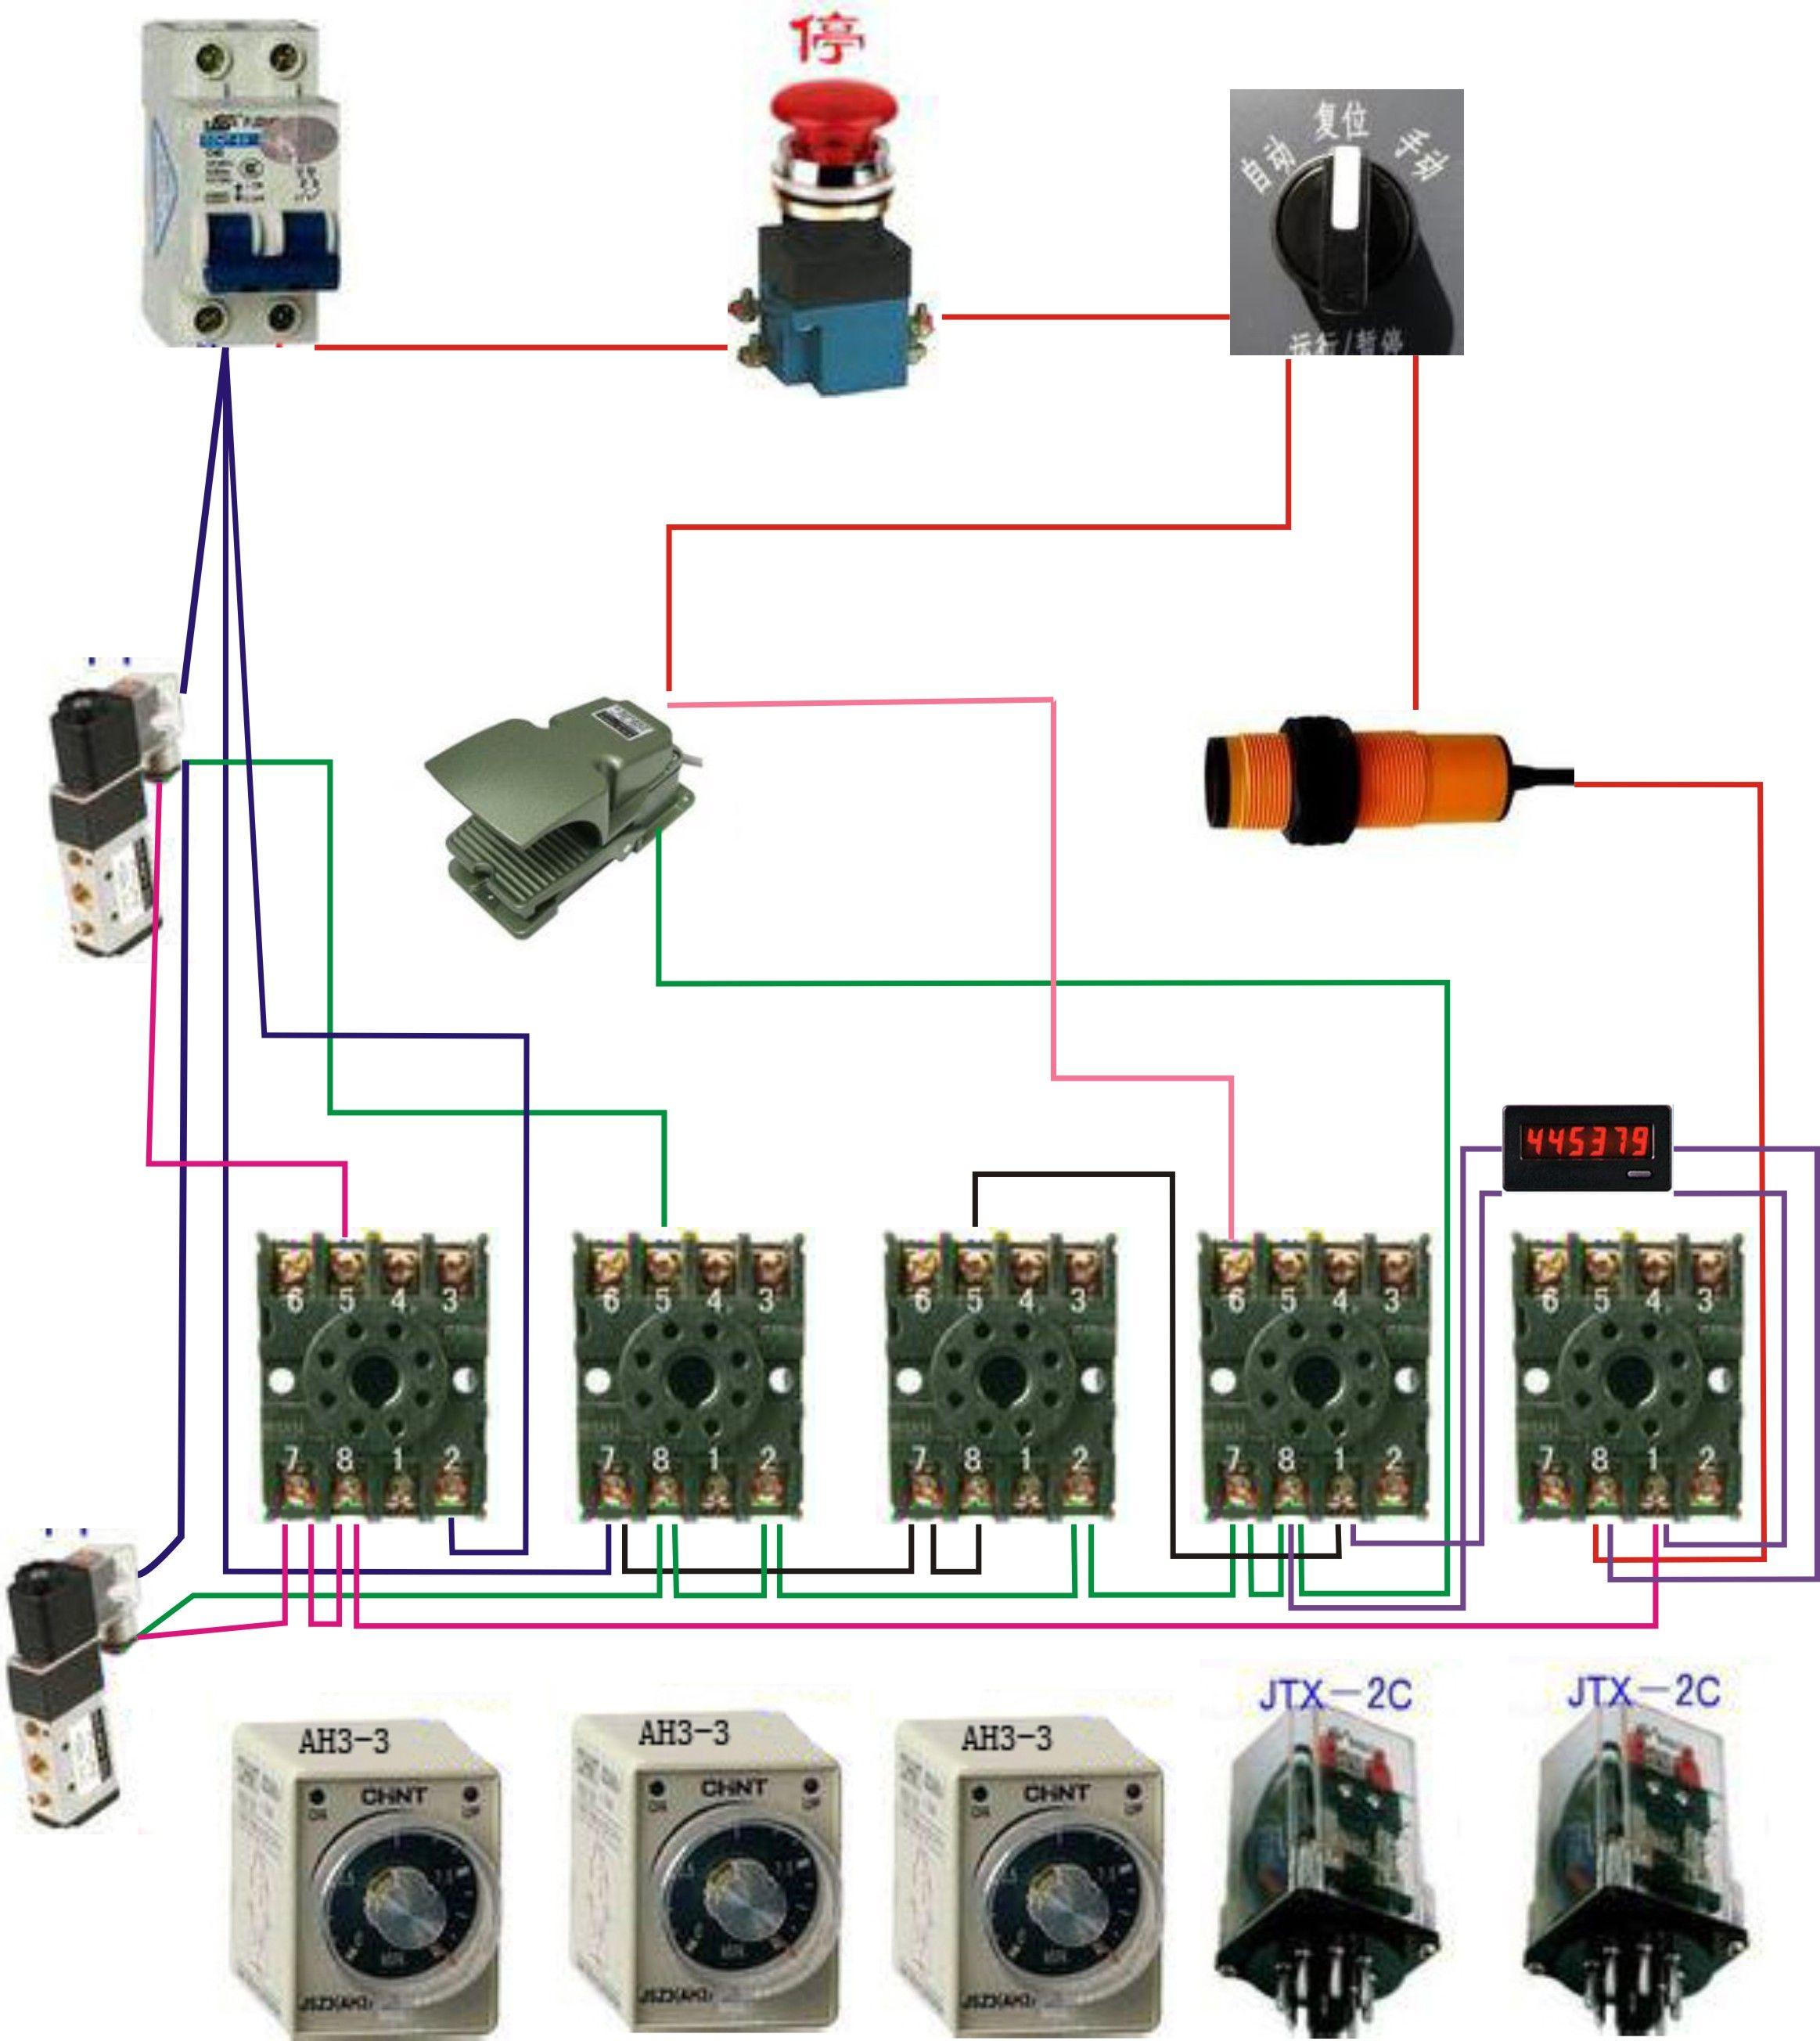 人工启动工作步骤是:产品到位,工人按脚踏开关,气缸y1和y2同时工作图片